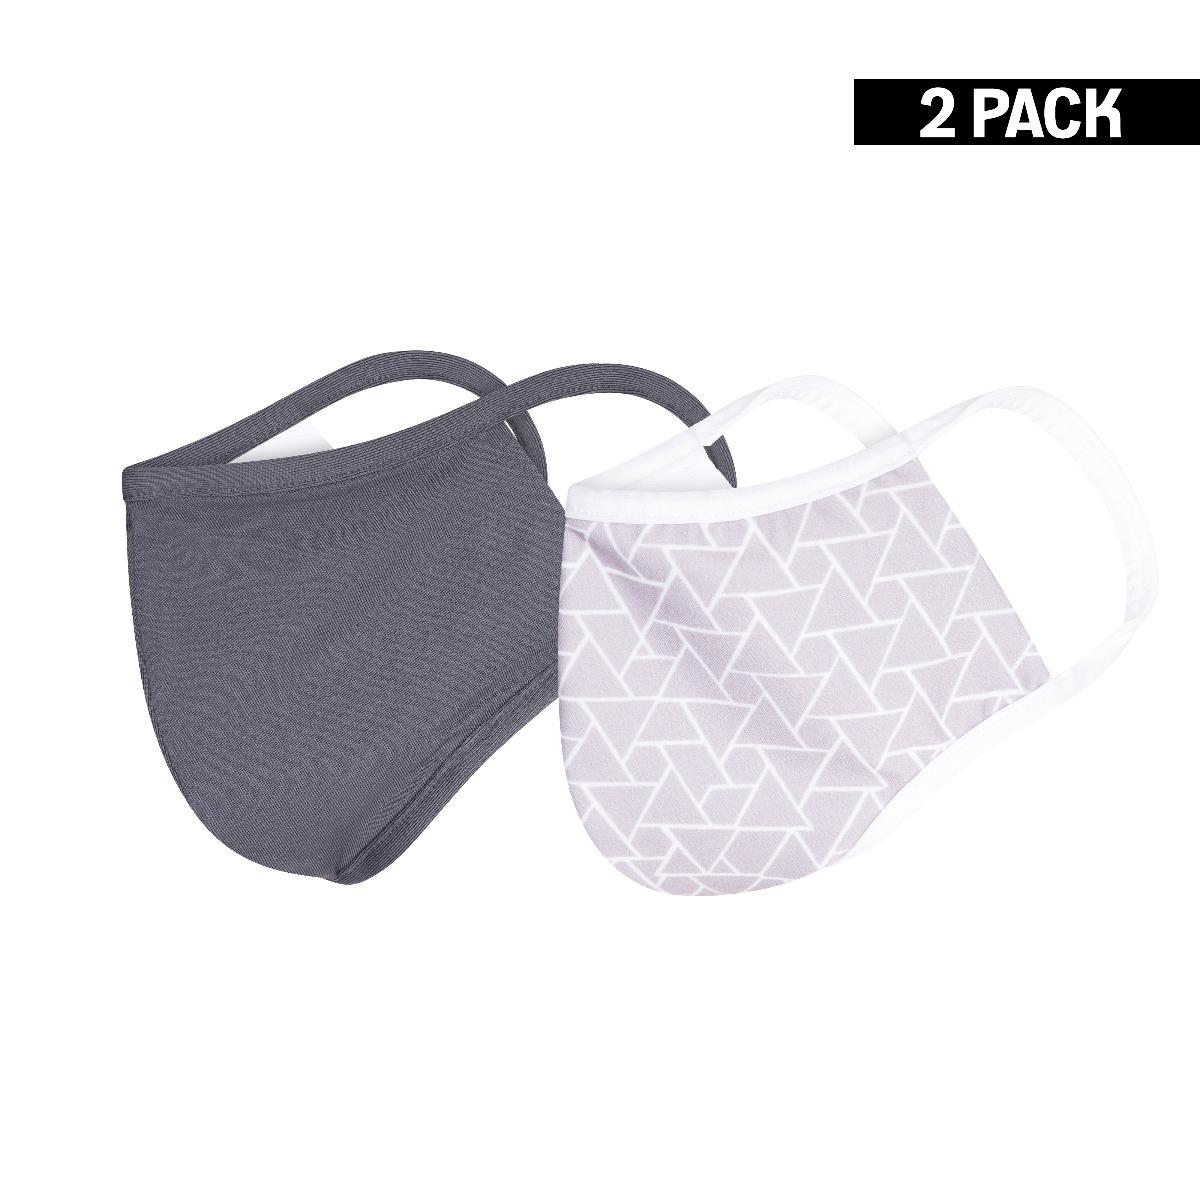 Heren 2-Pack Mondkapjes Triangle/Grijs maat M